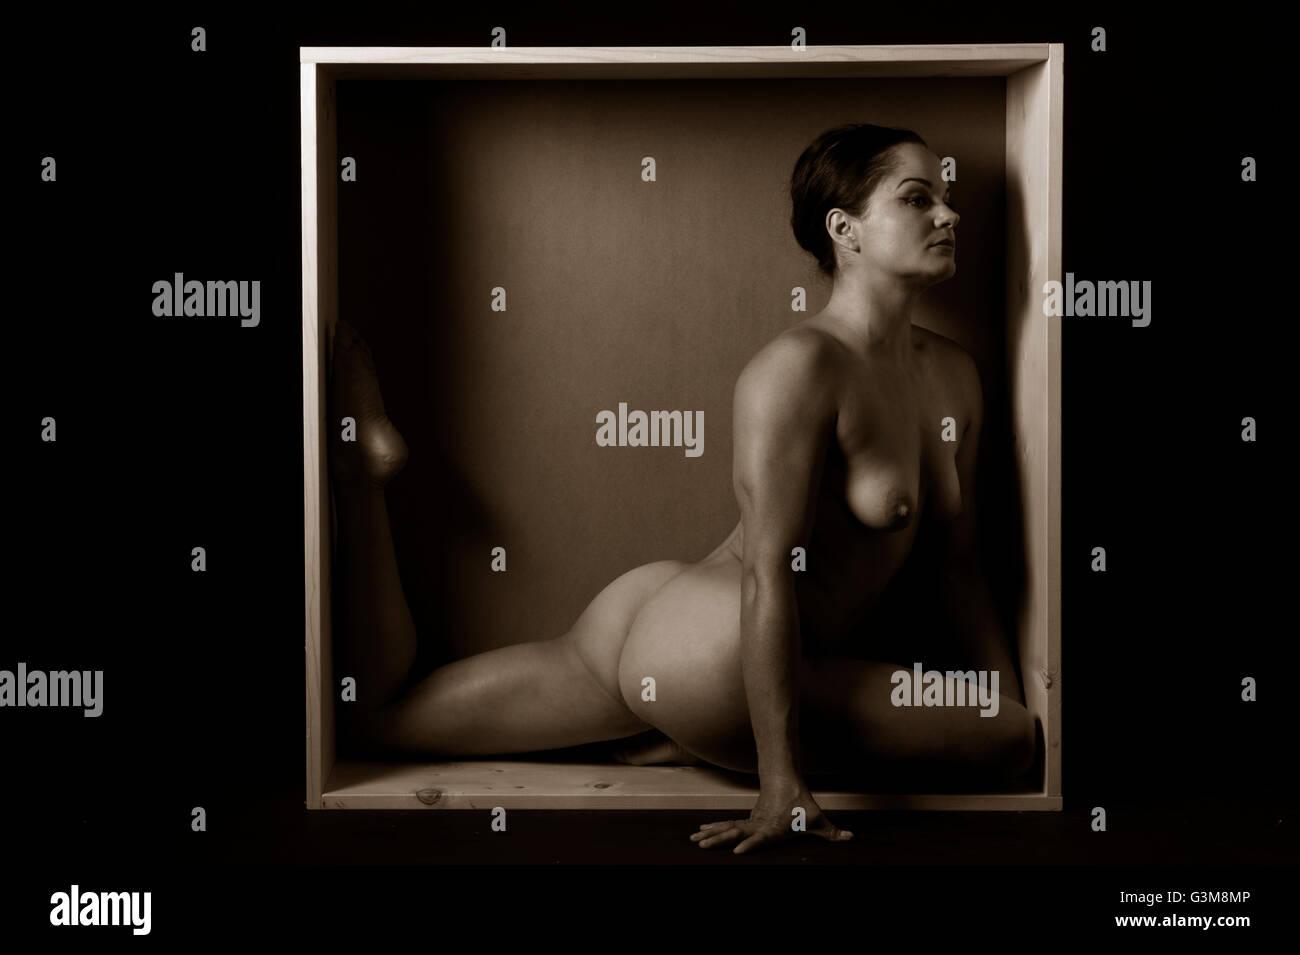 Mujer desnuda estiramiento en la casilla Foto de stock